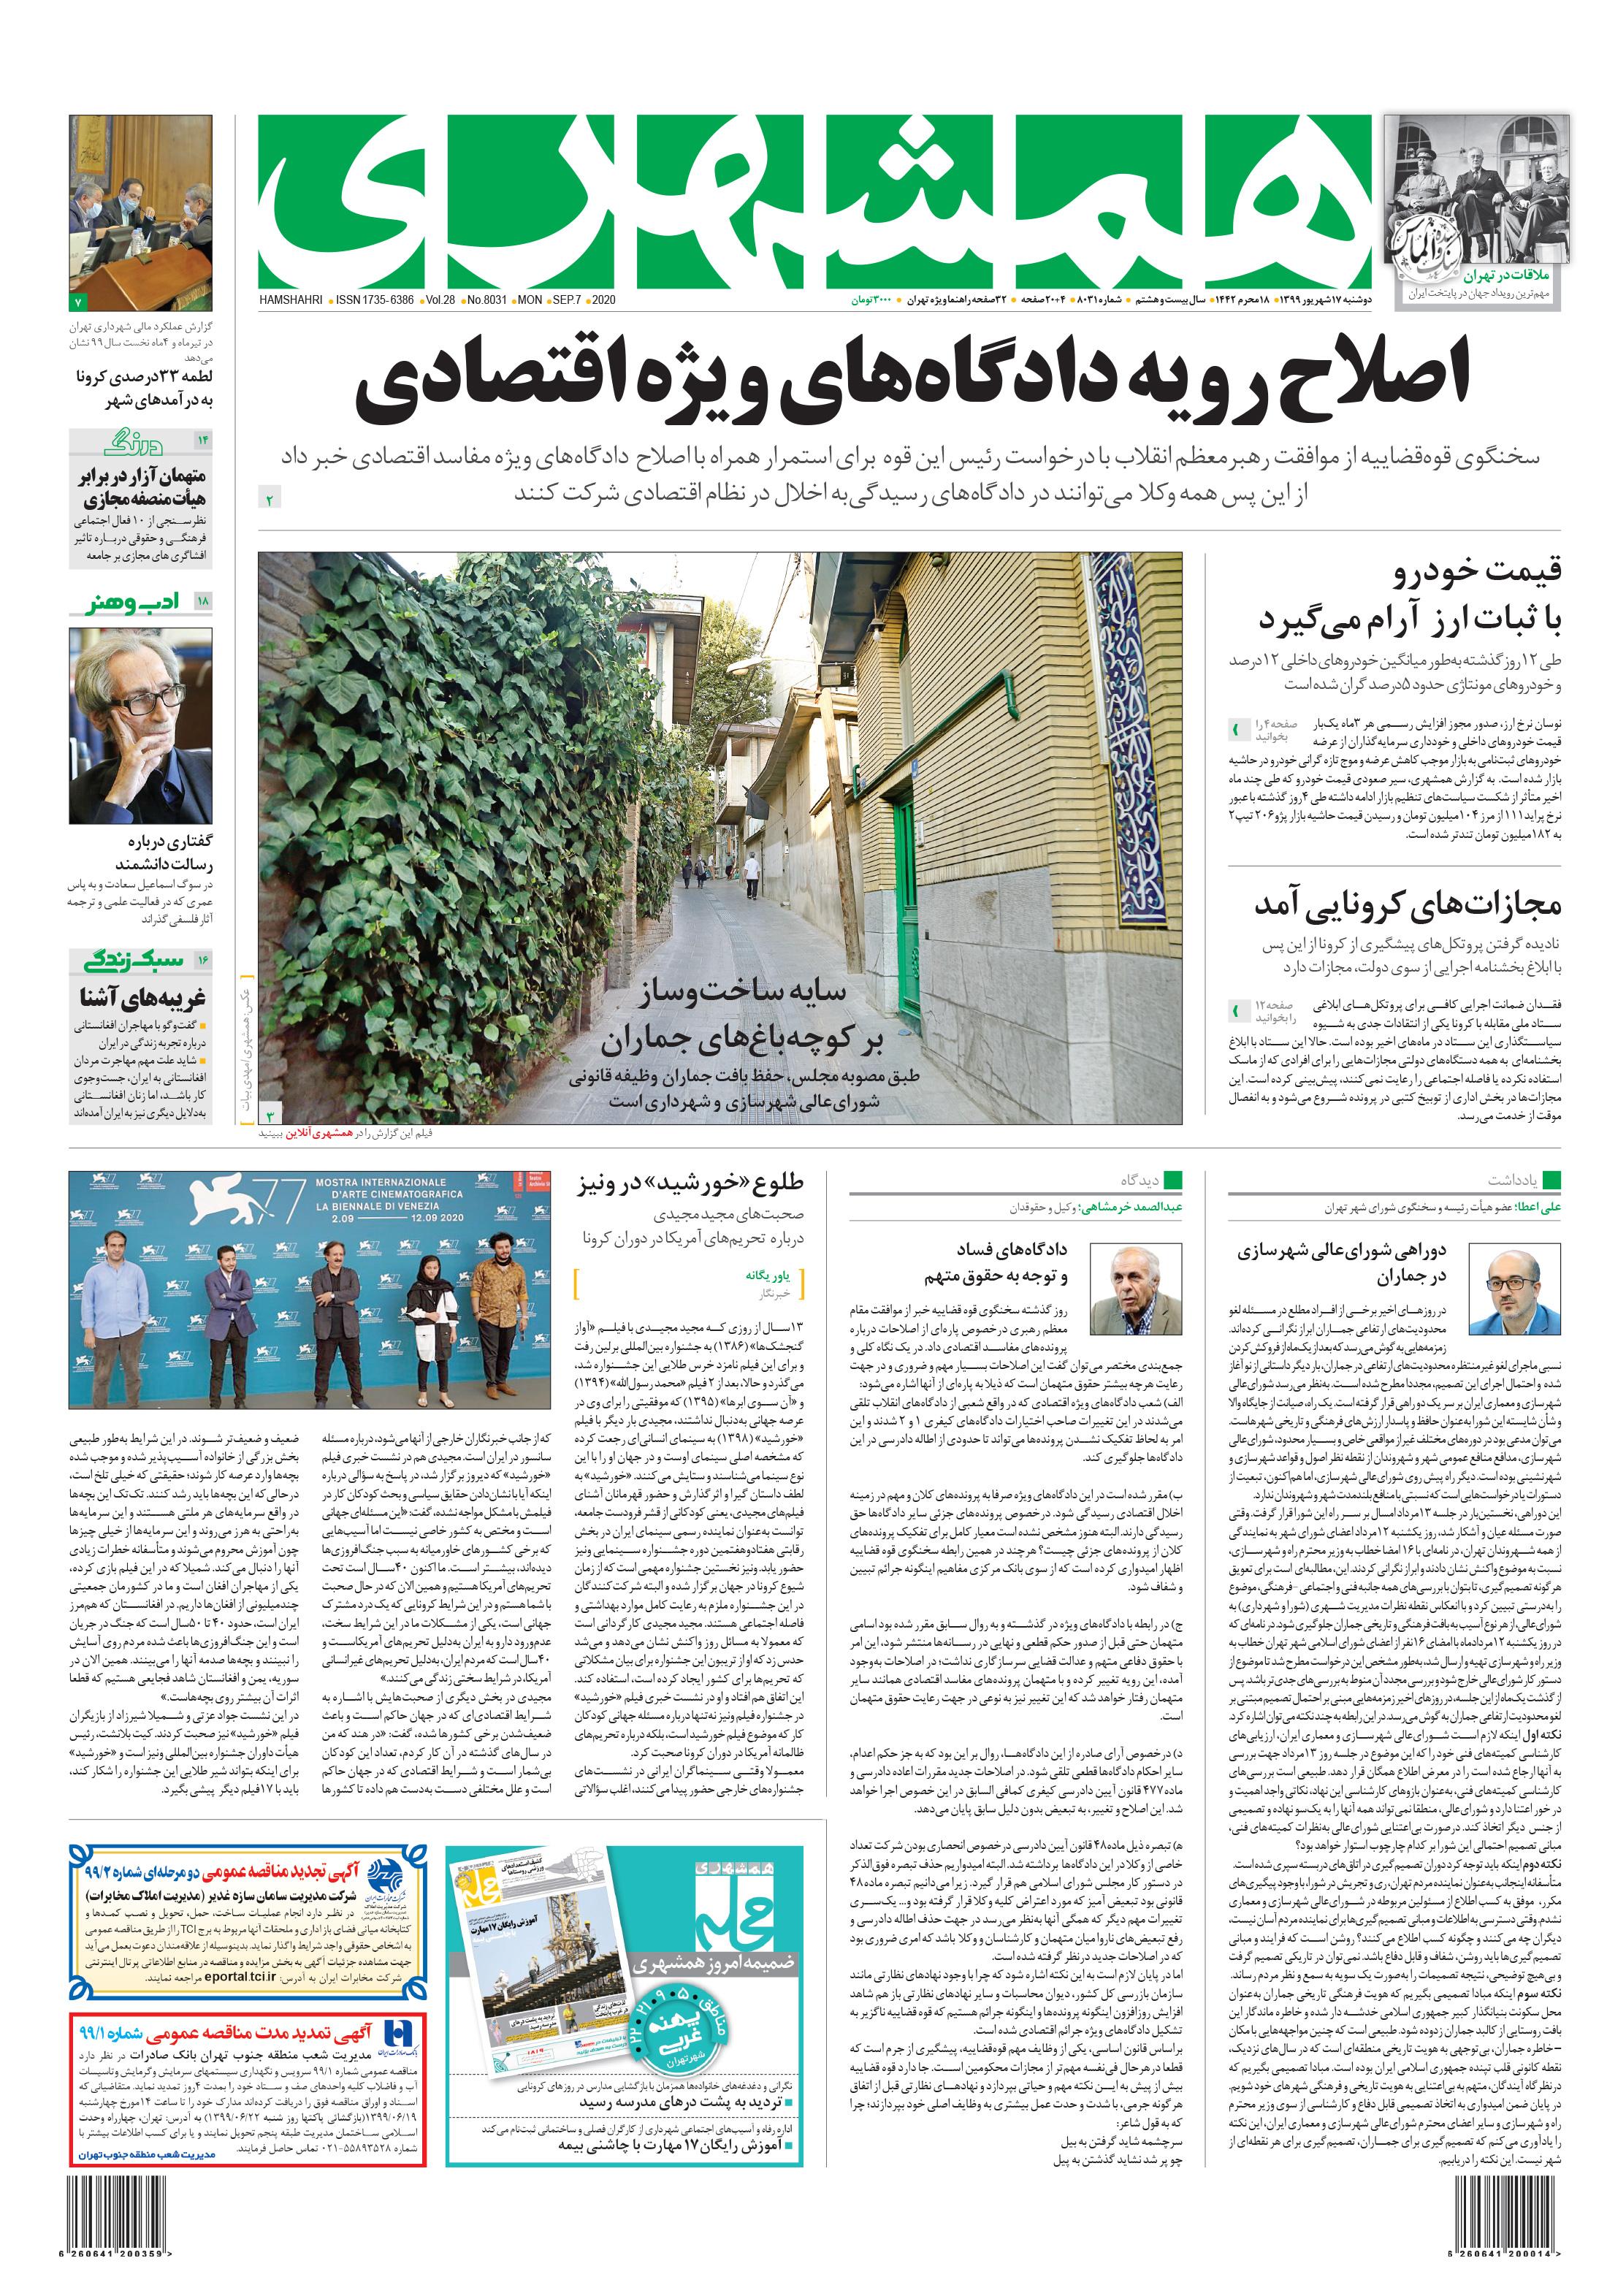 صفحه اول دوشنبه 17 شهریور 1399